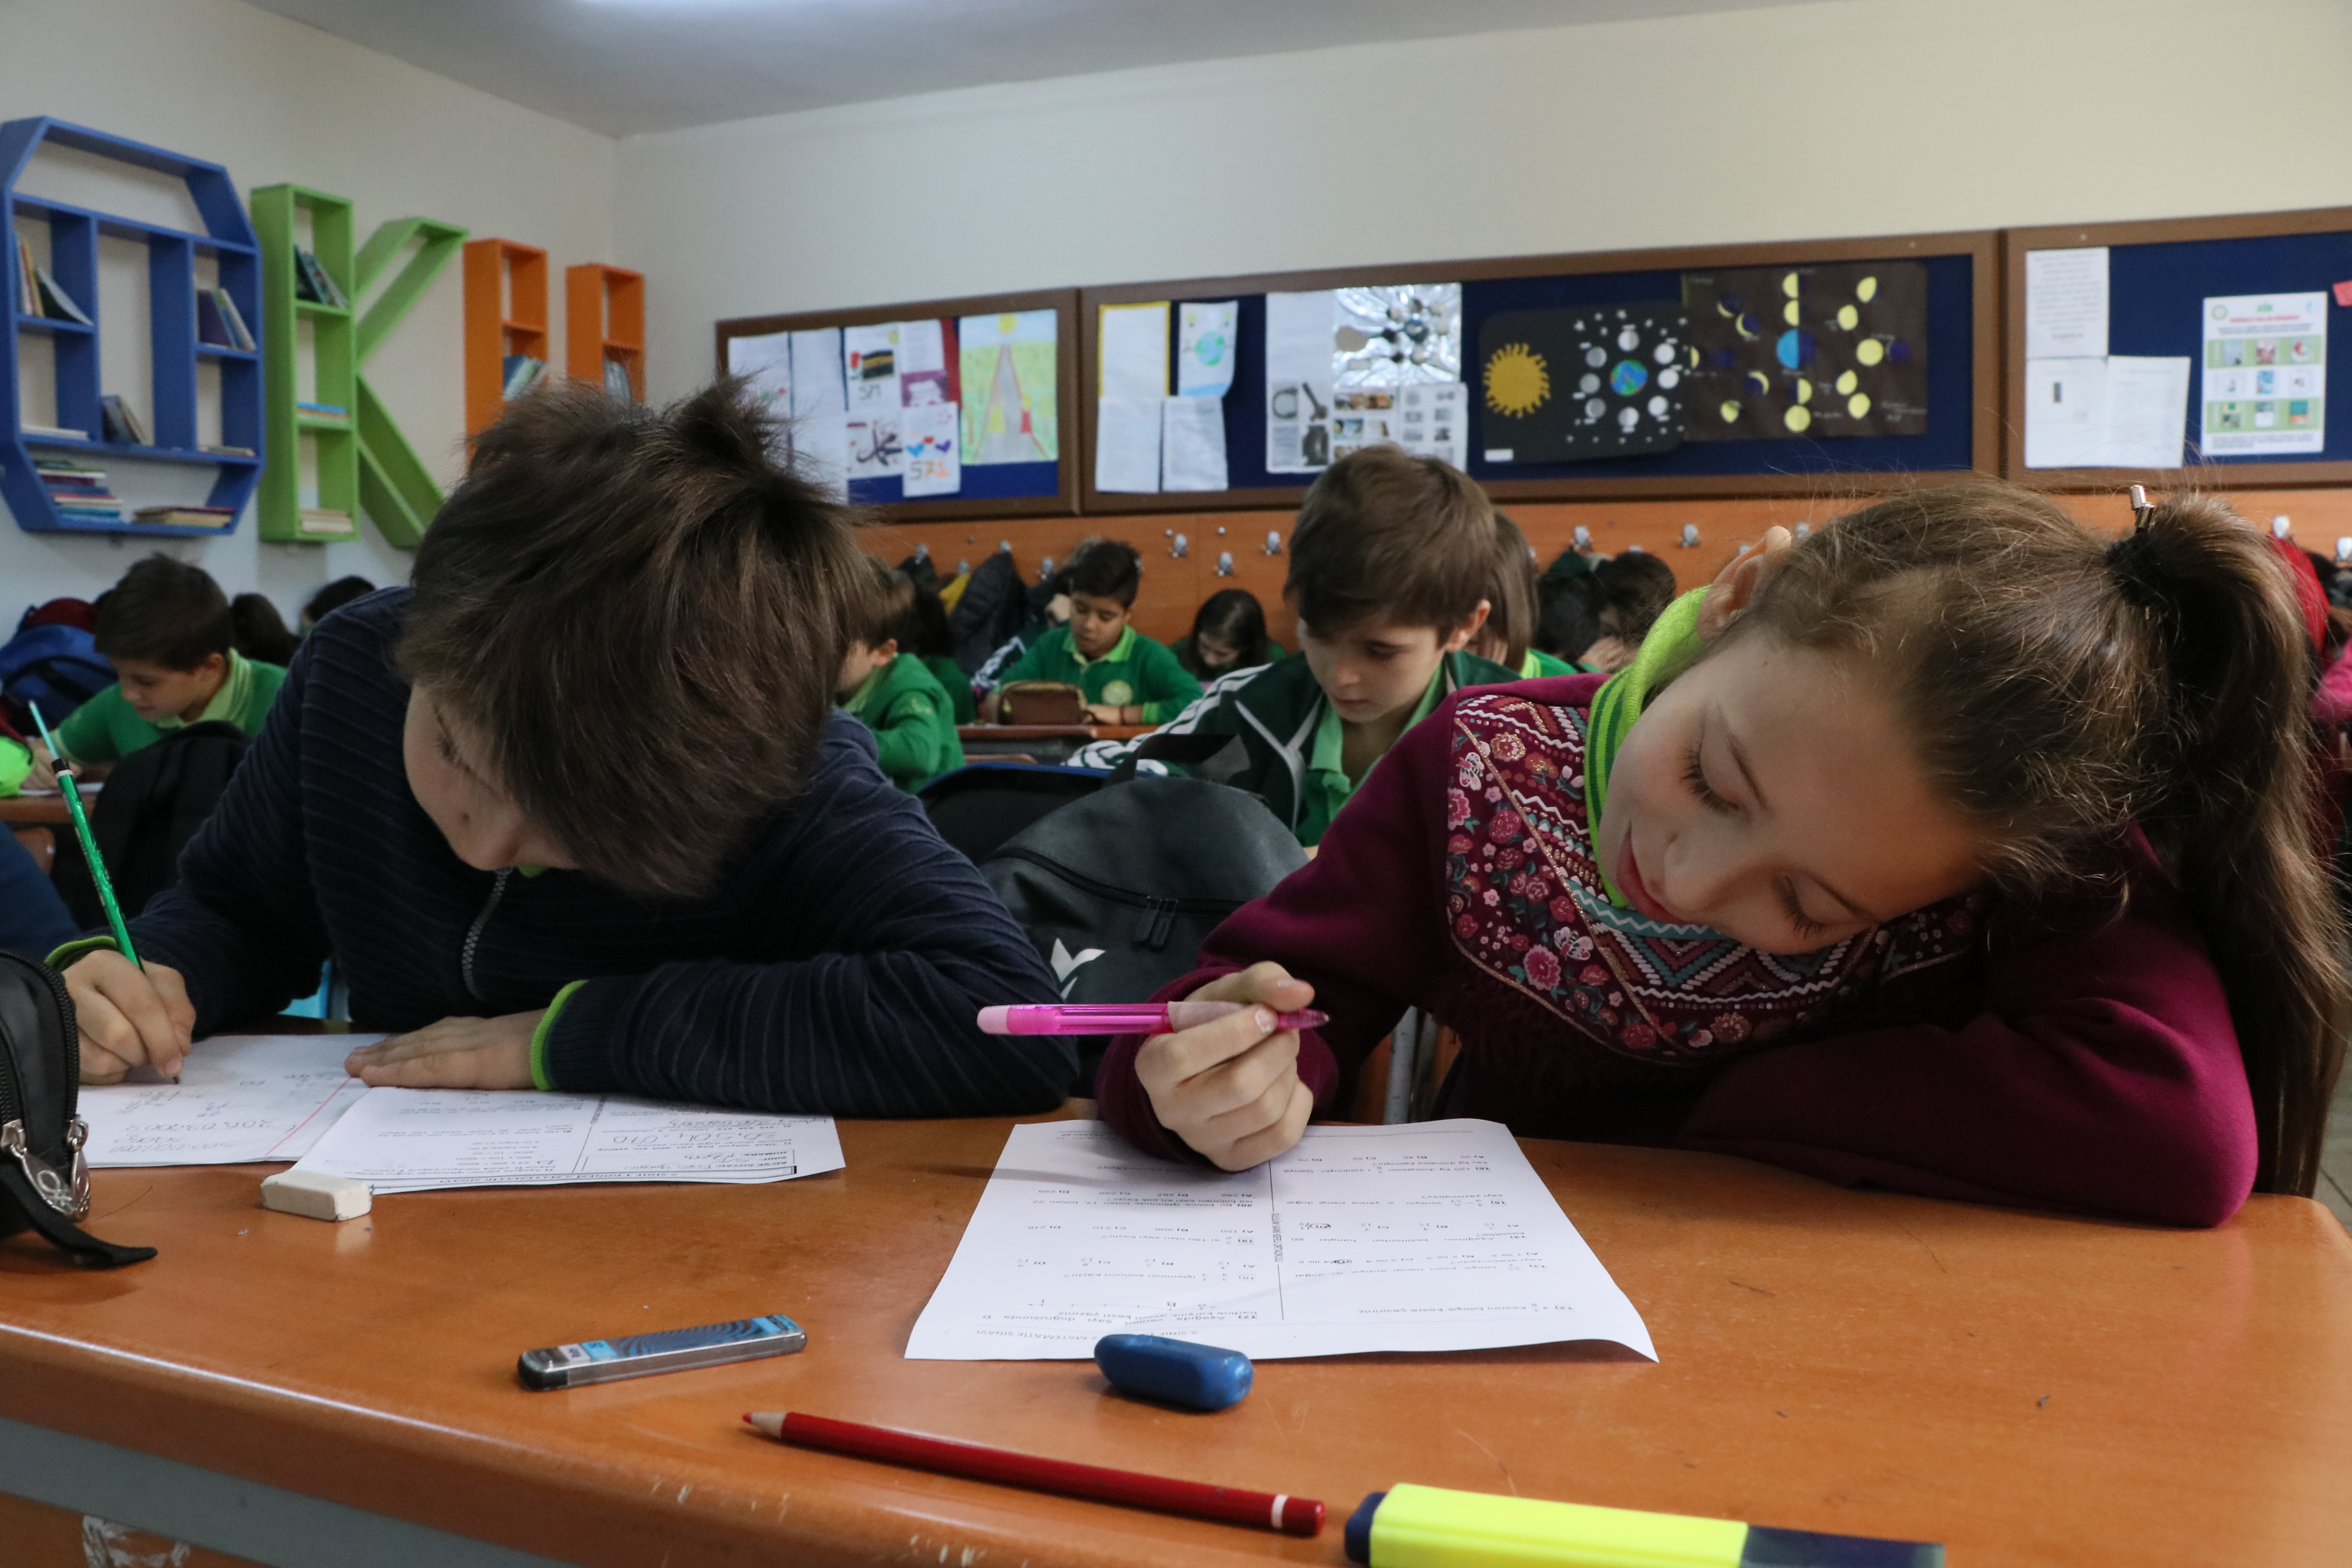 800 bin öğrencinin katıldığı sınav sonuçları açıklandı